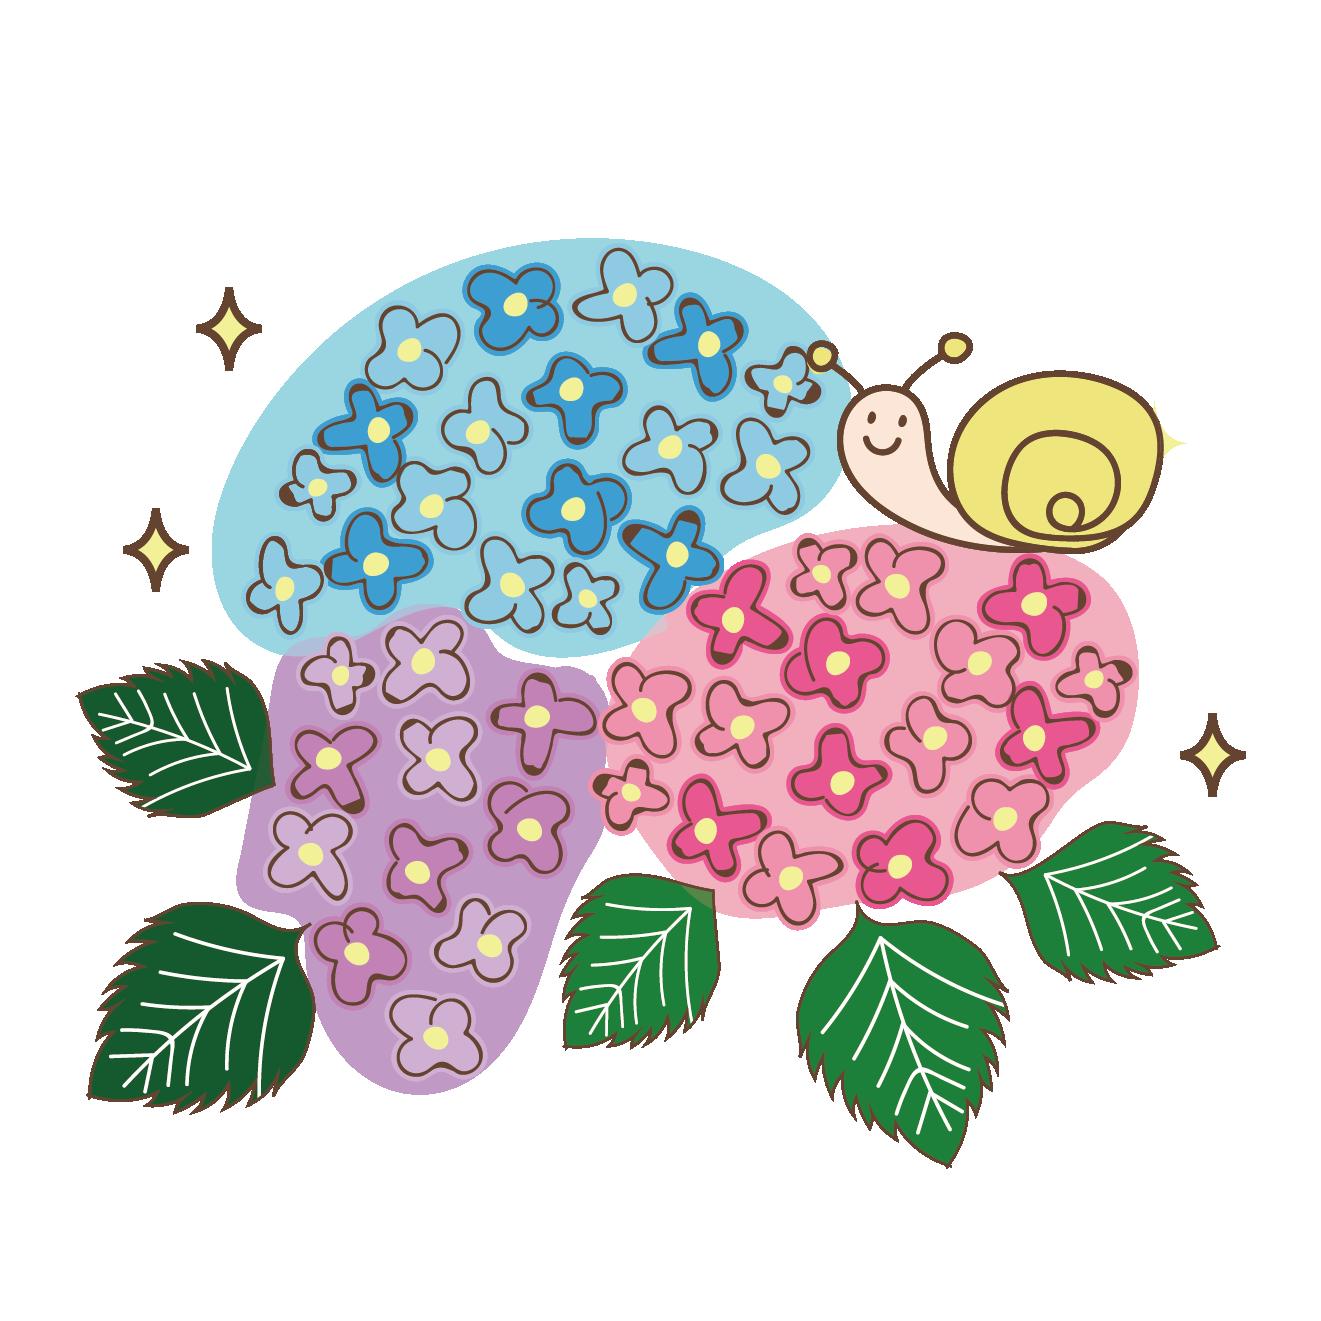 【梅雨】紫陽花(アジサイ)とカタツムリのイラスト